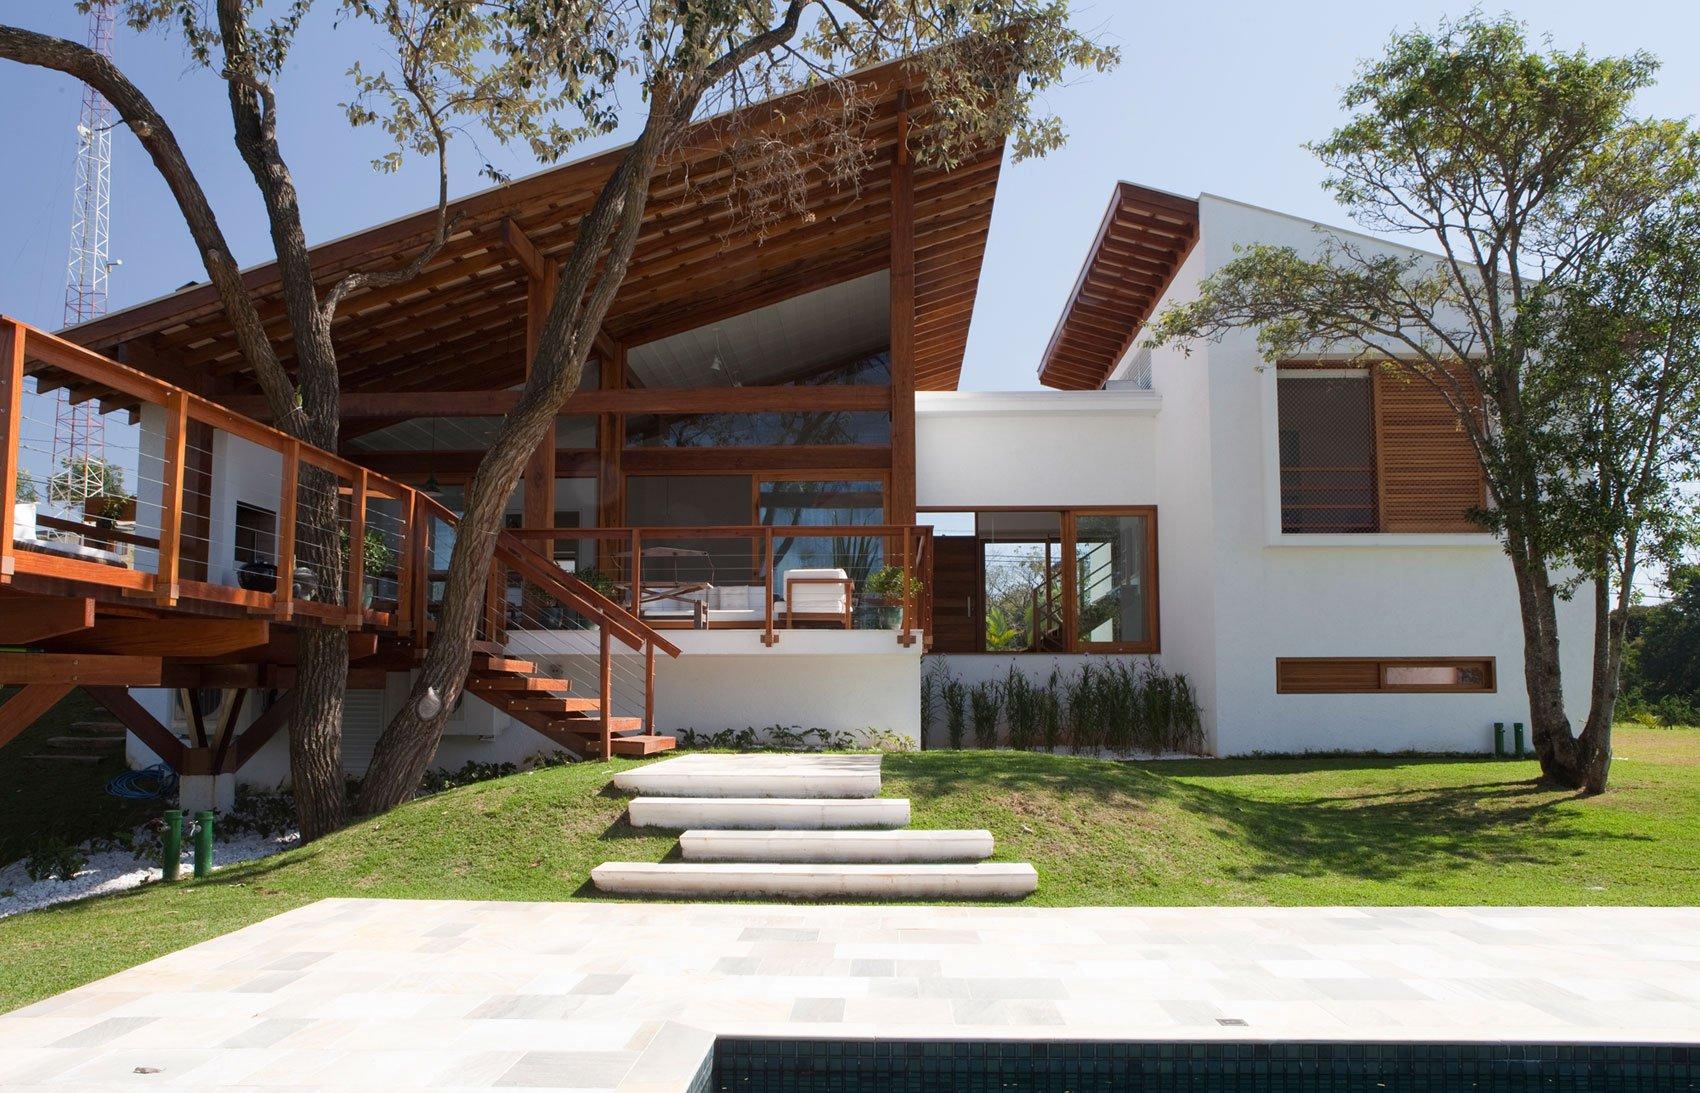 Vila real de itu 2 by gebara conde sinisgalli arquitetos for Modelos de techos de casas